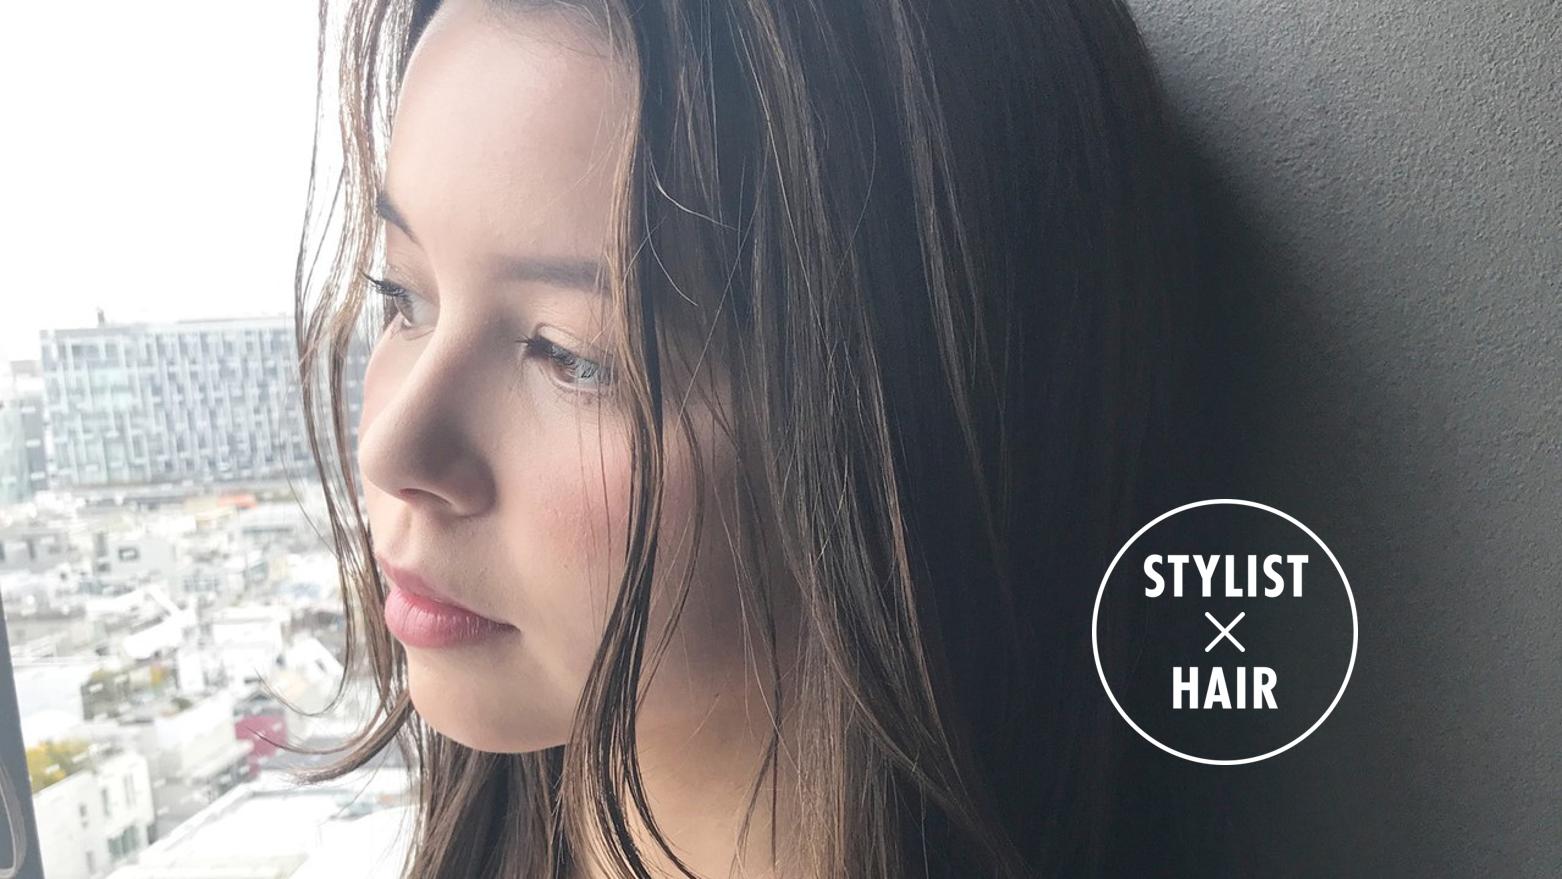 【女性版】自宅で出来る頭皮ケアで健康な美髪を手に入れよう!